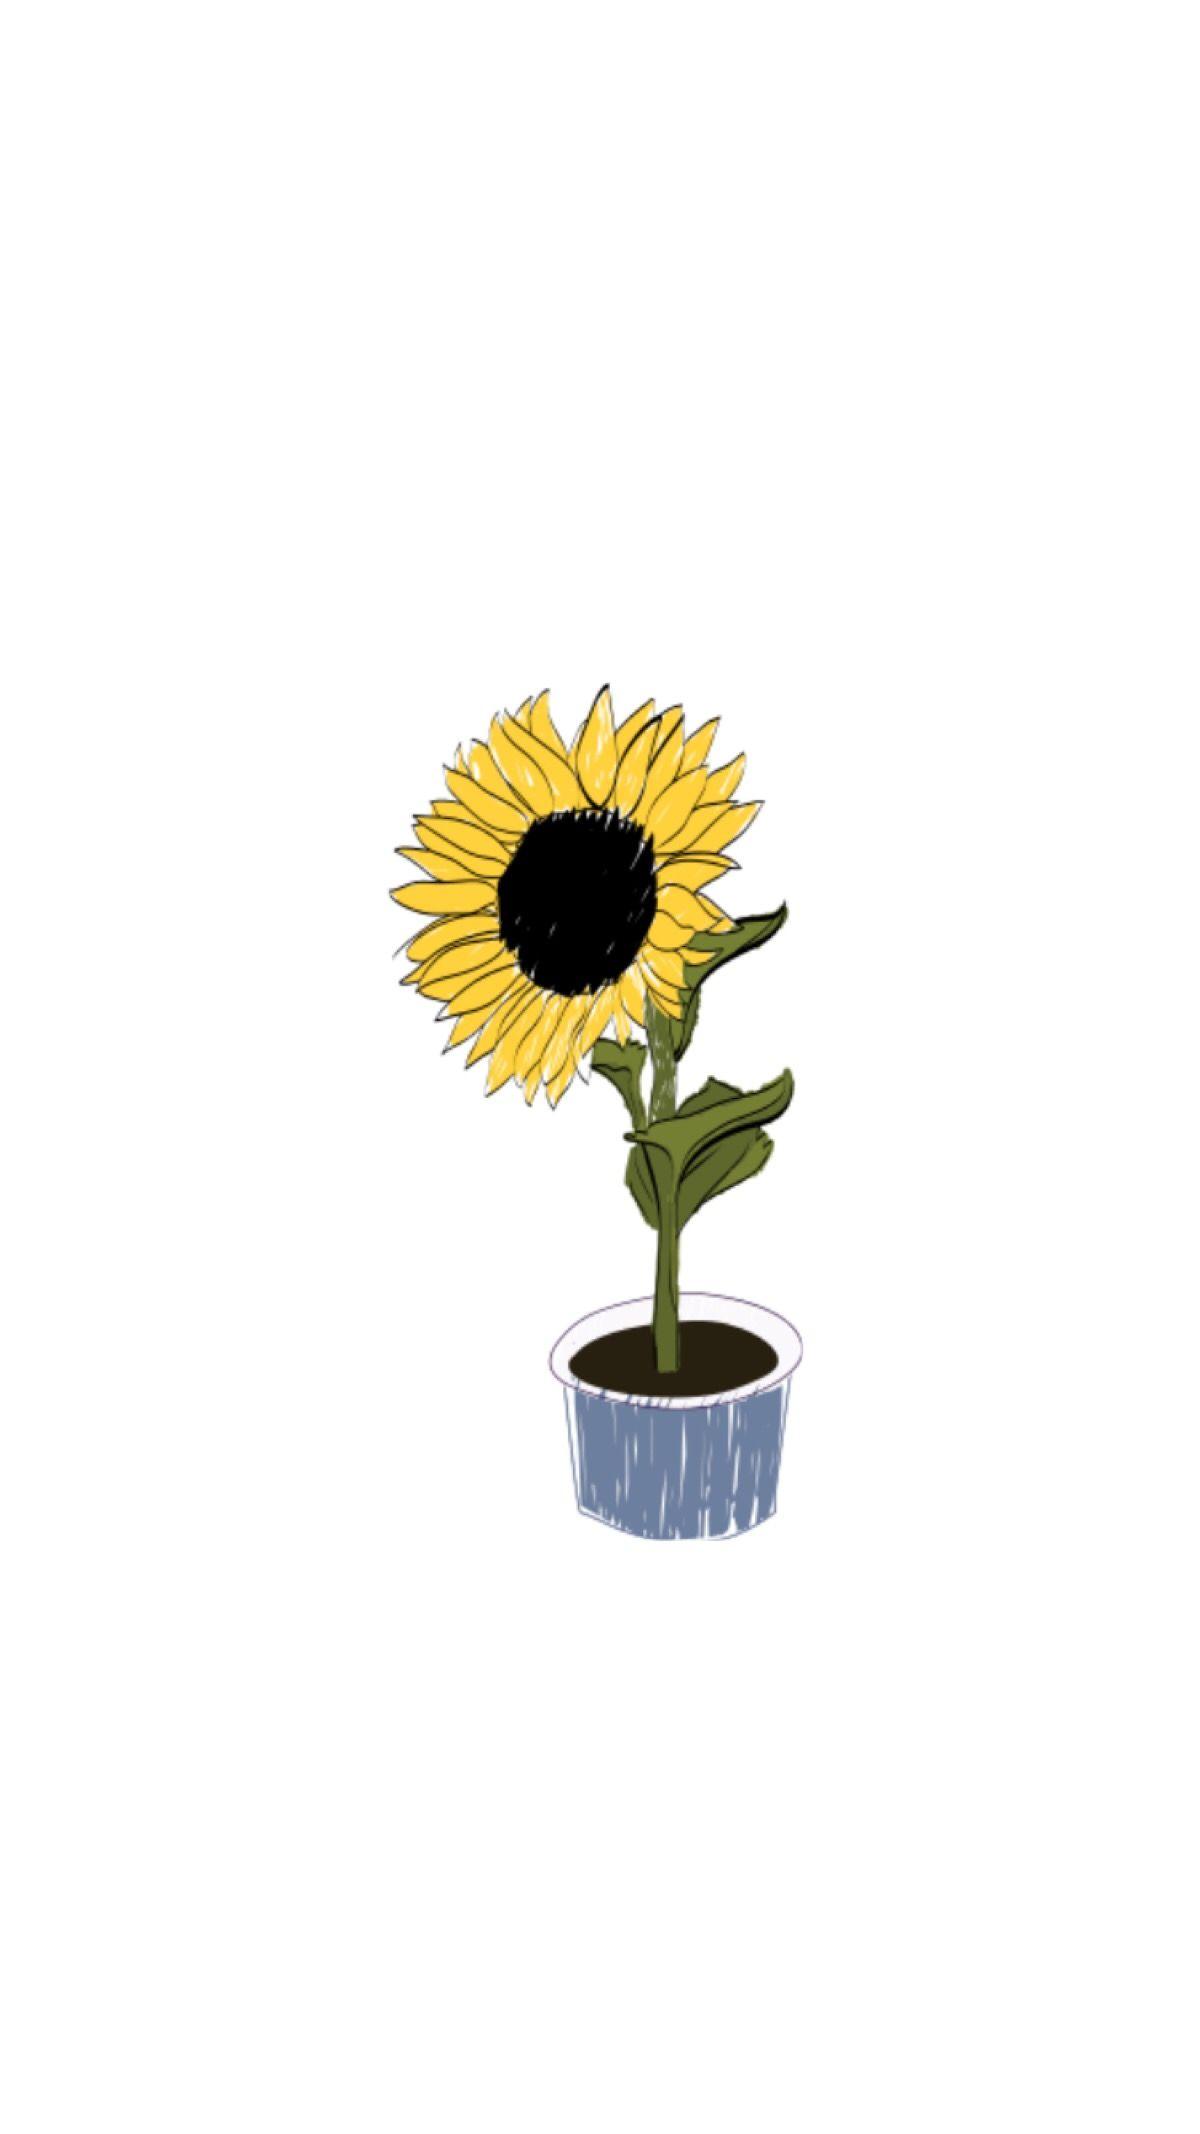 Hình nền điện thoại di động đóa hoa hướng dương